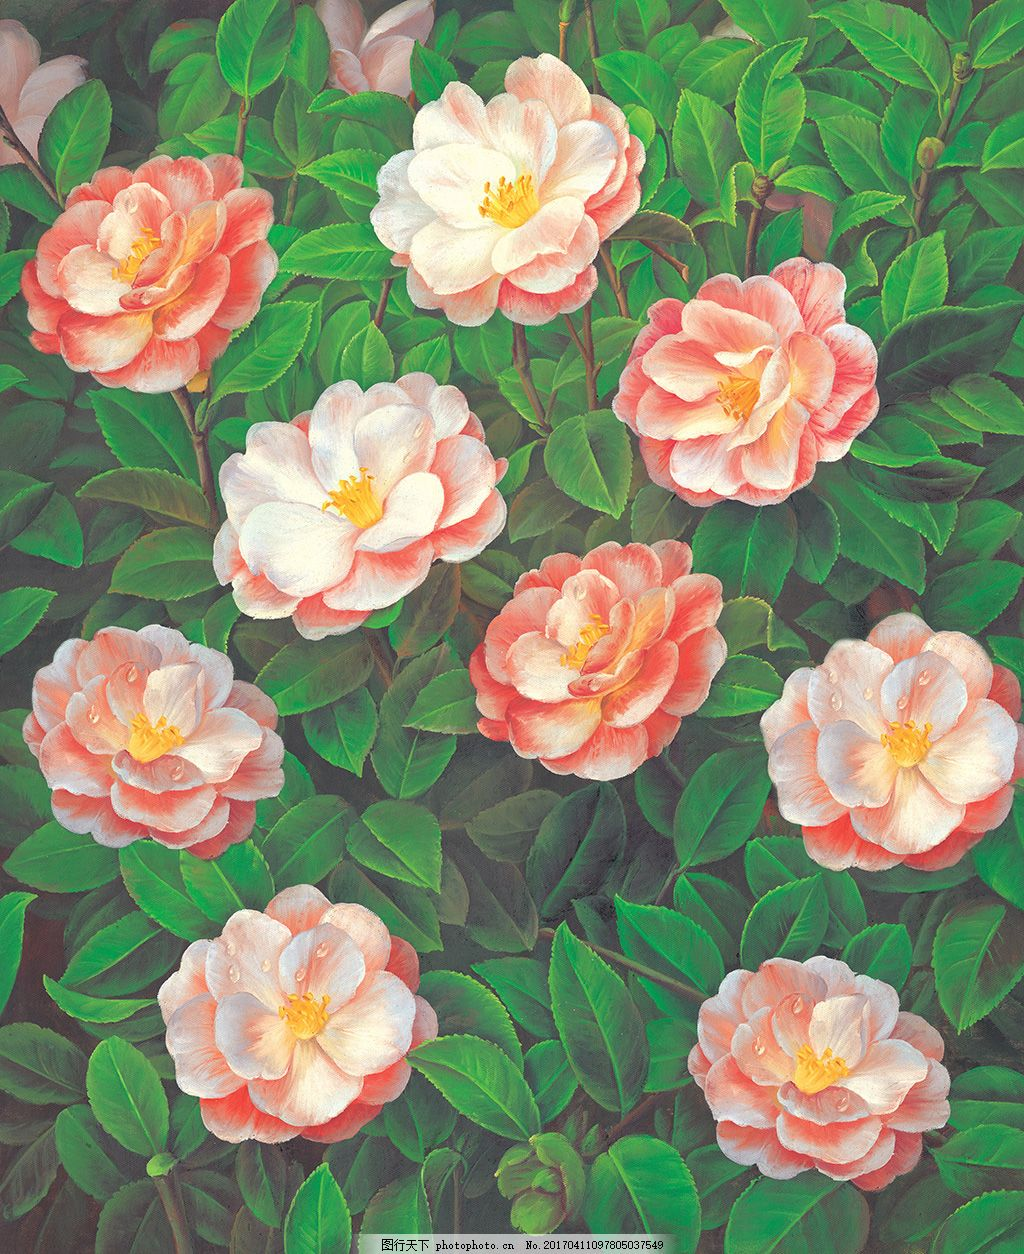 高清大幅茶花油画背景墙装饰画图片